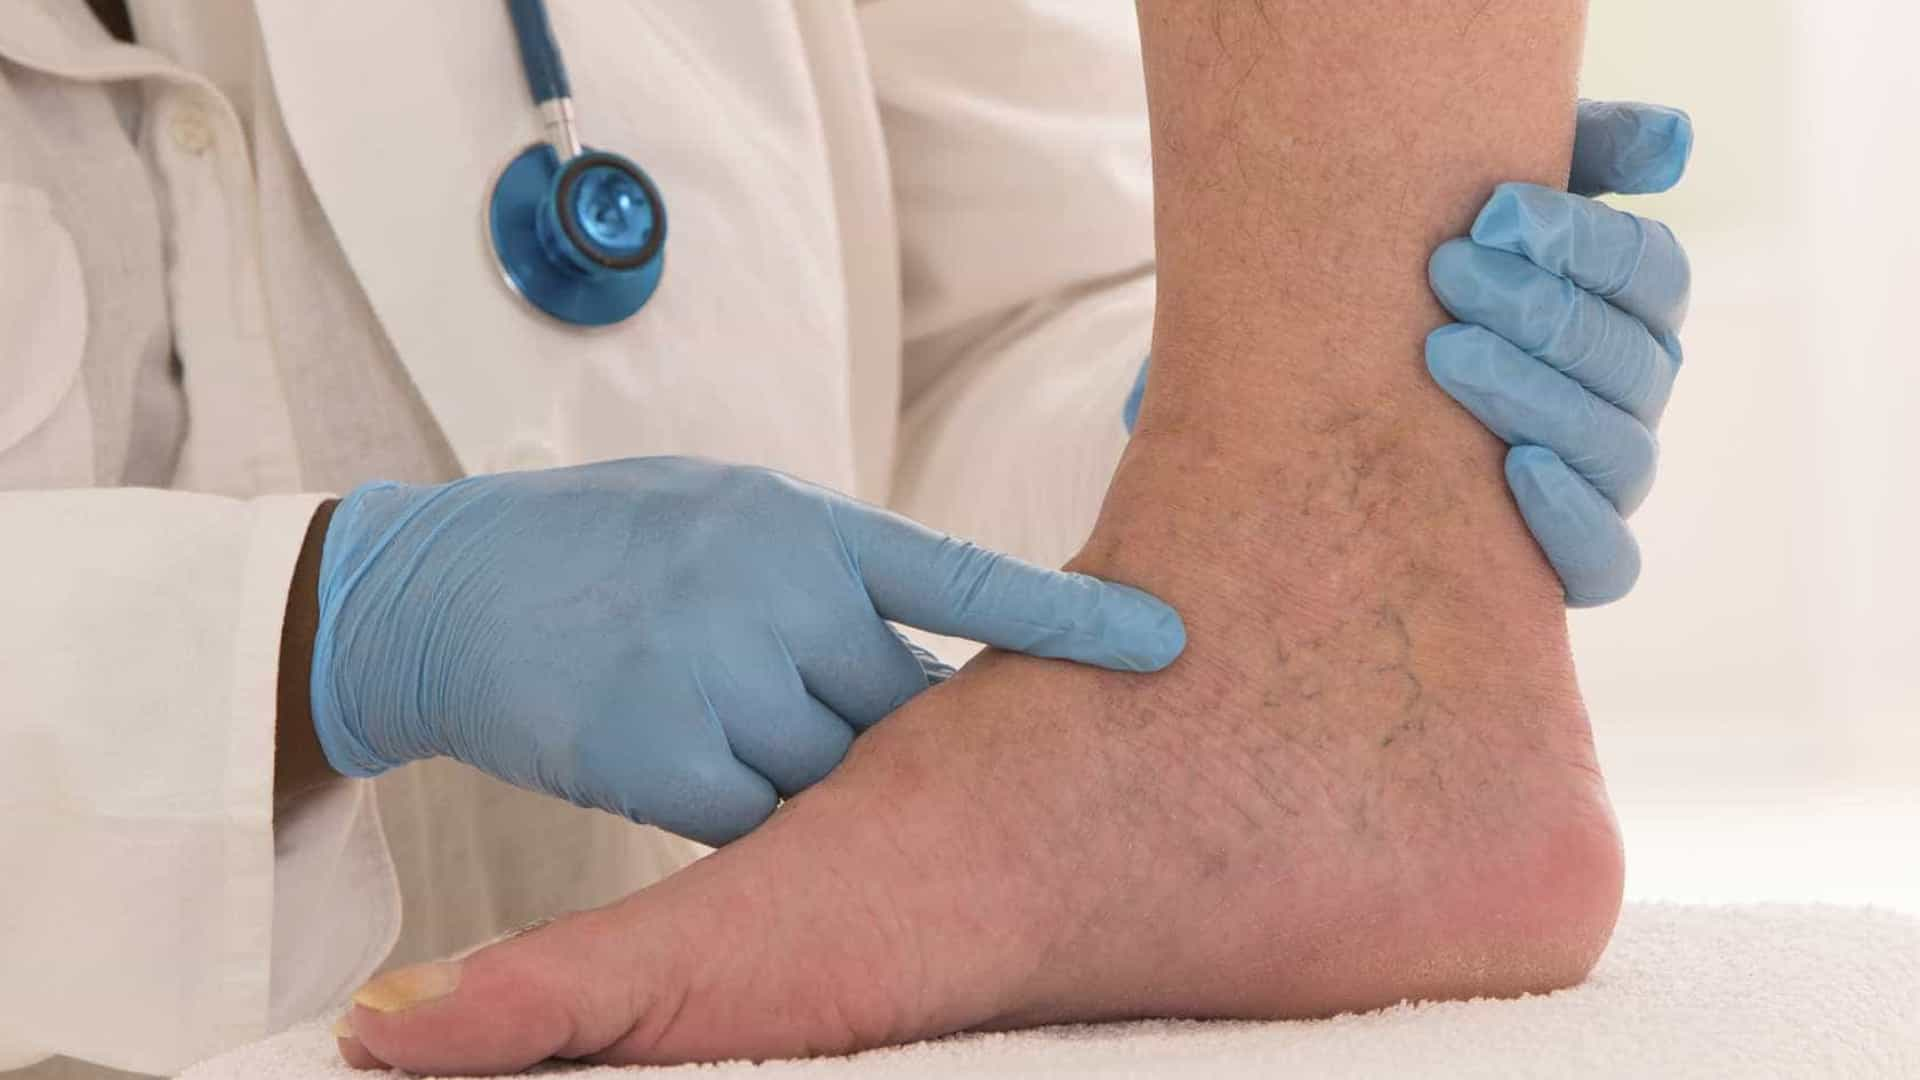 Médicos fazem mutirão de atendimento contra trombose em SP